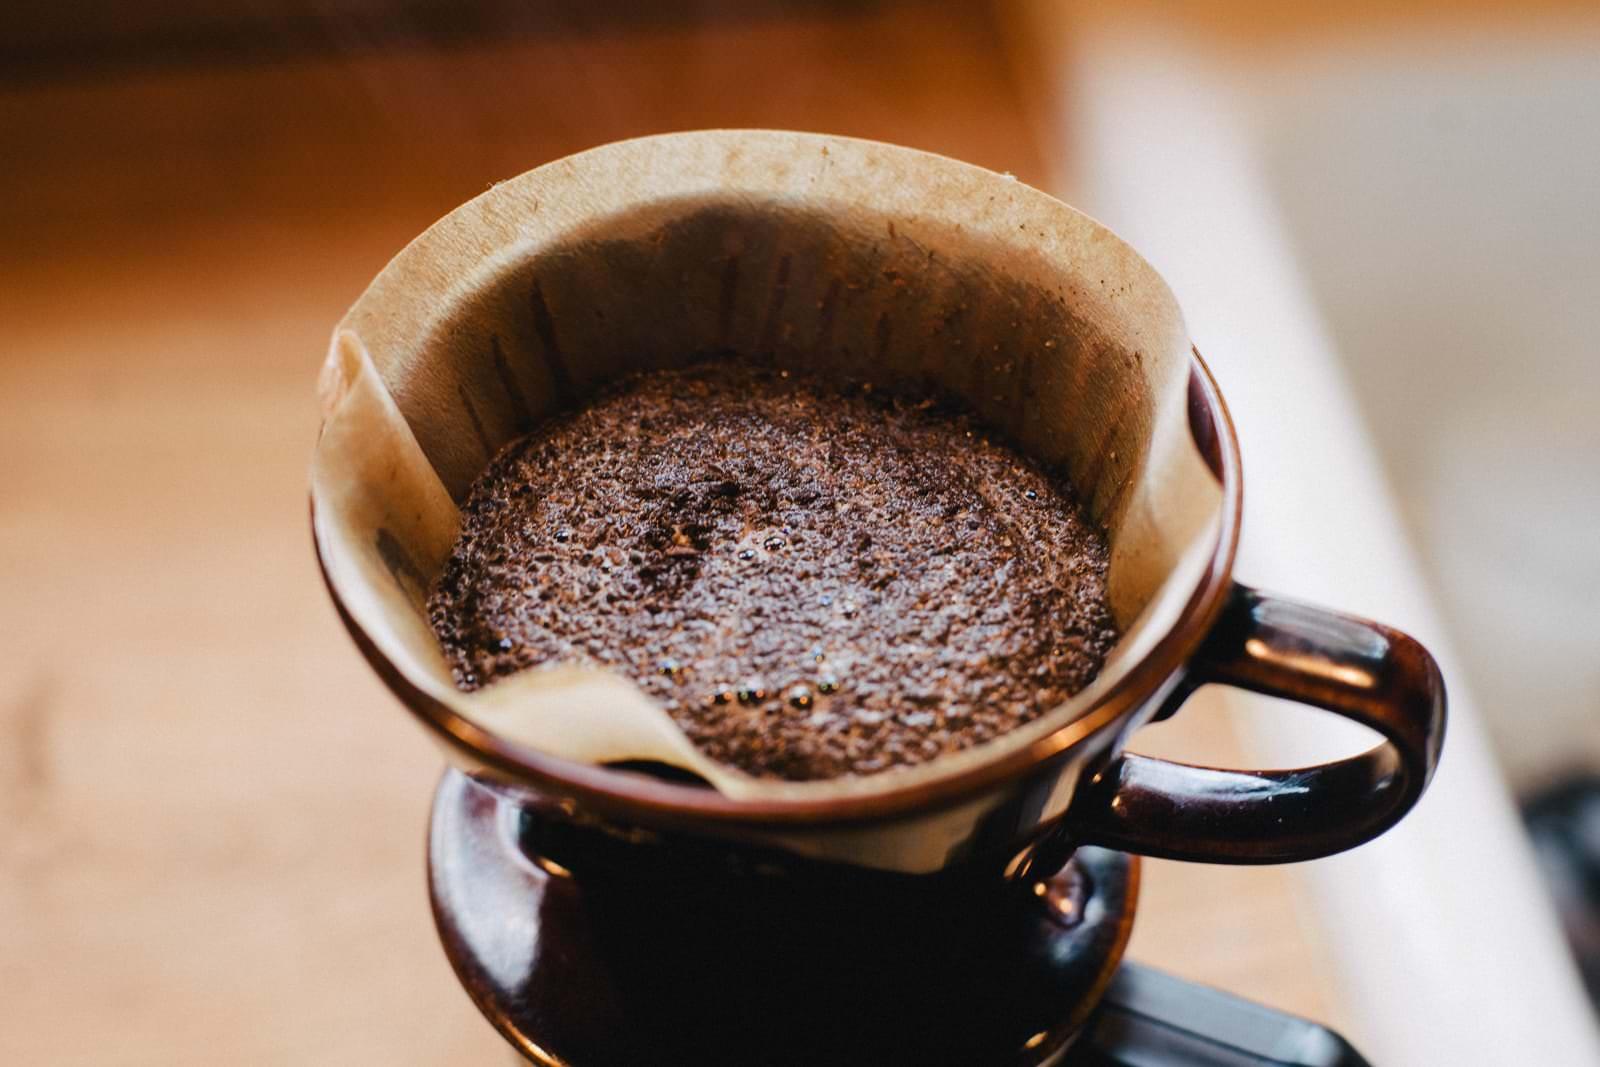 絶対に美味しいとわかるコーヒー